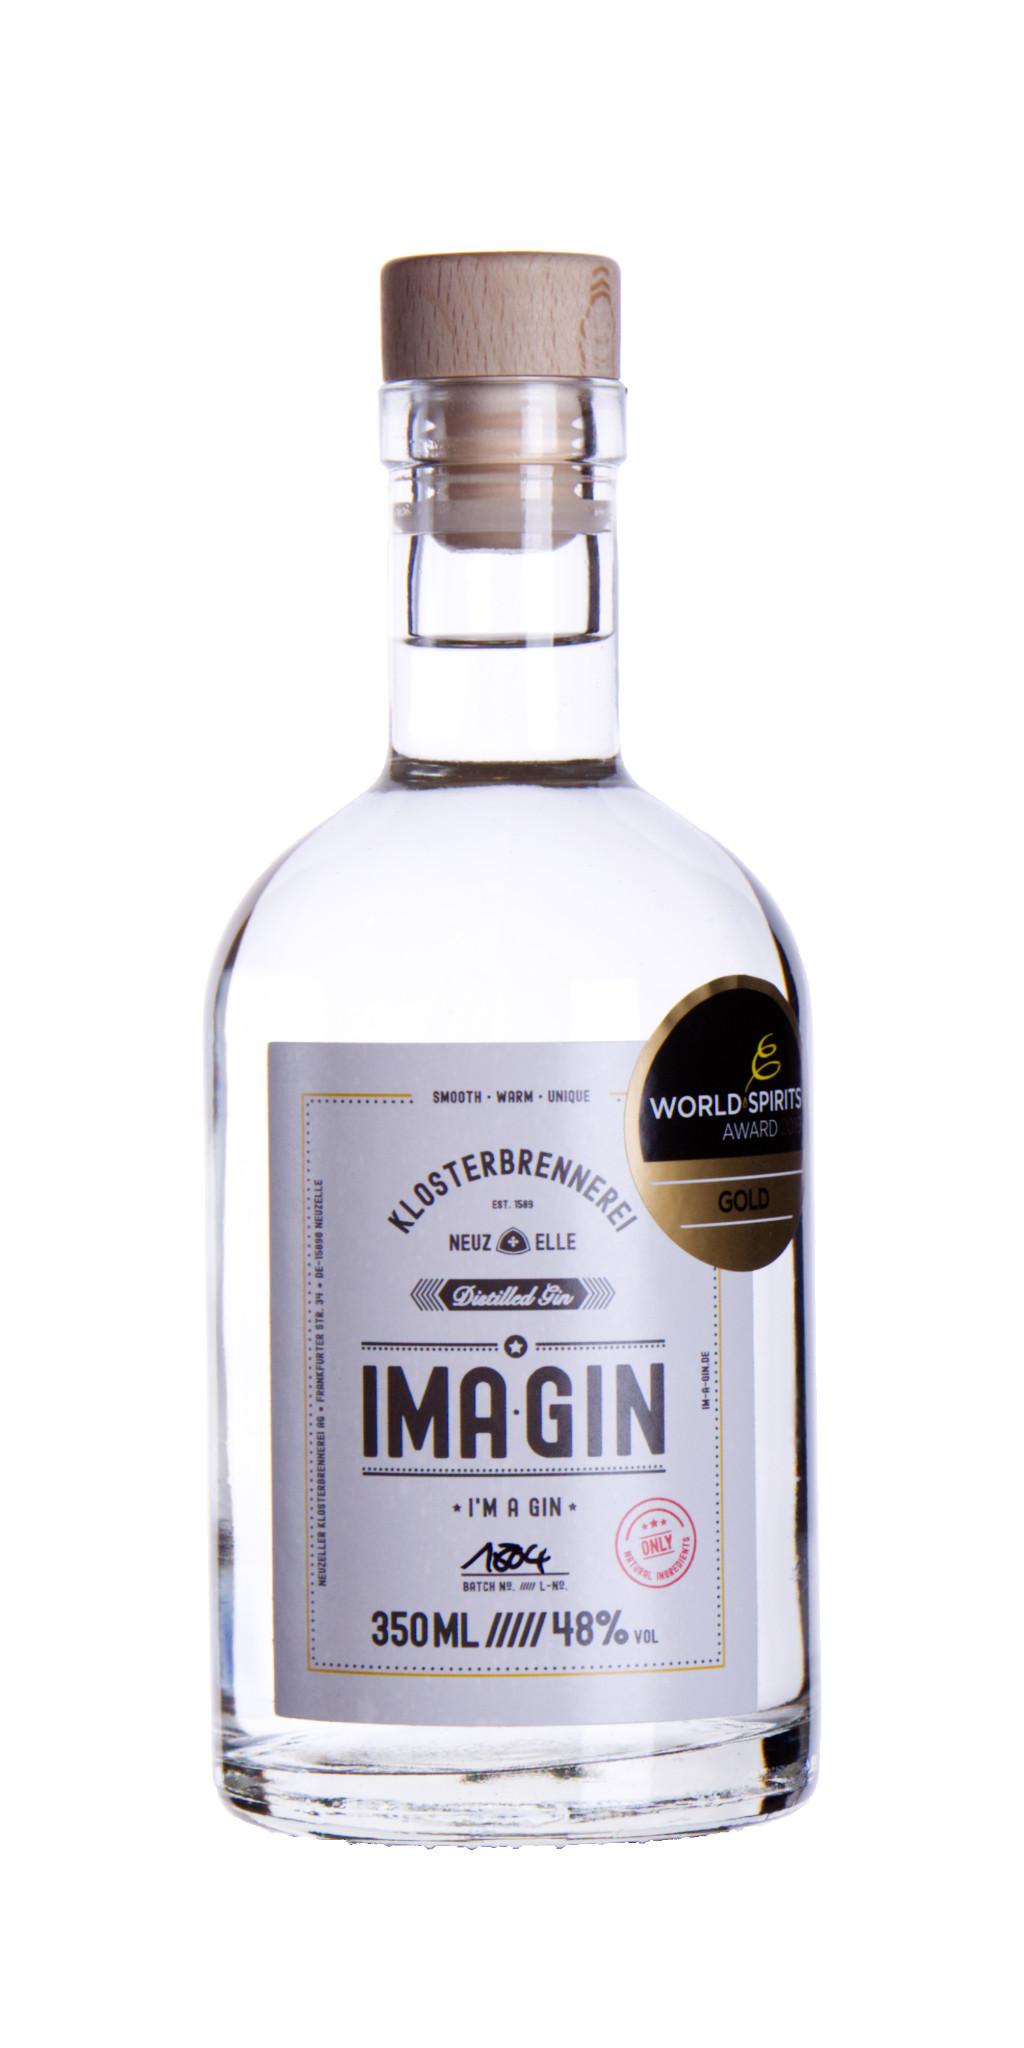 IMA•GIN 350 ml